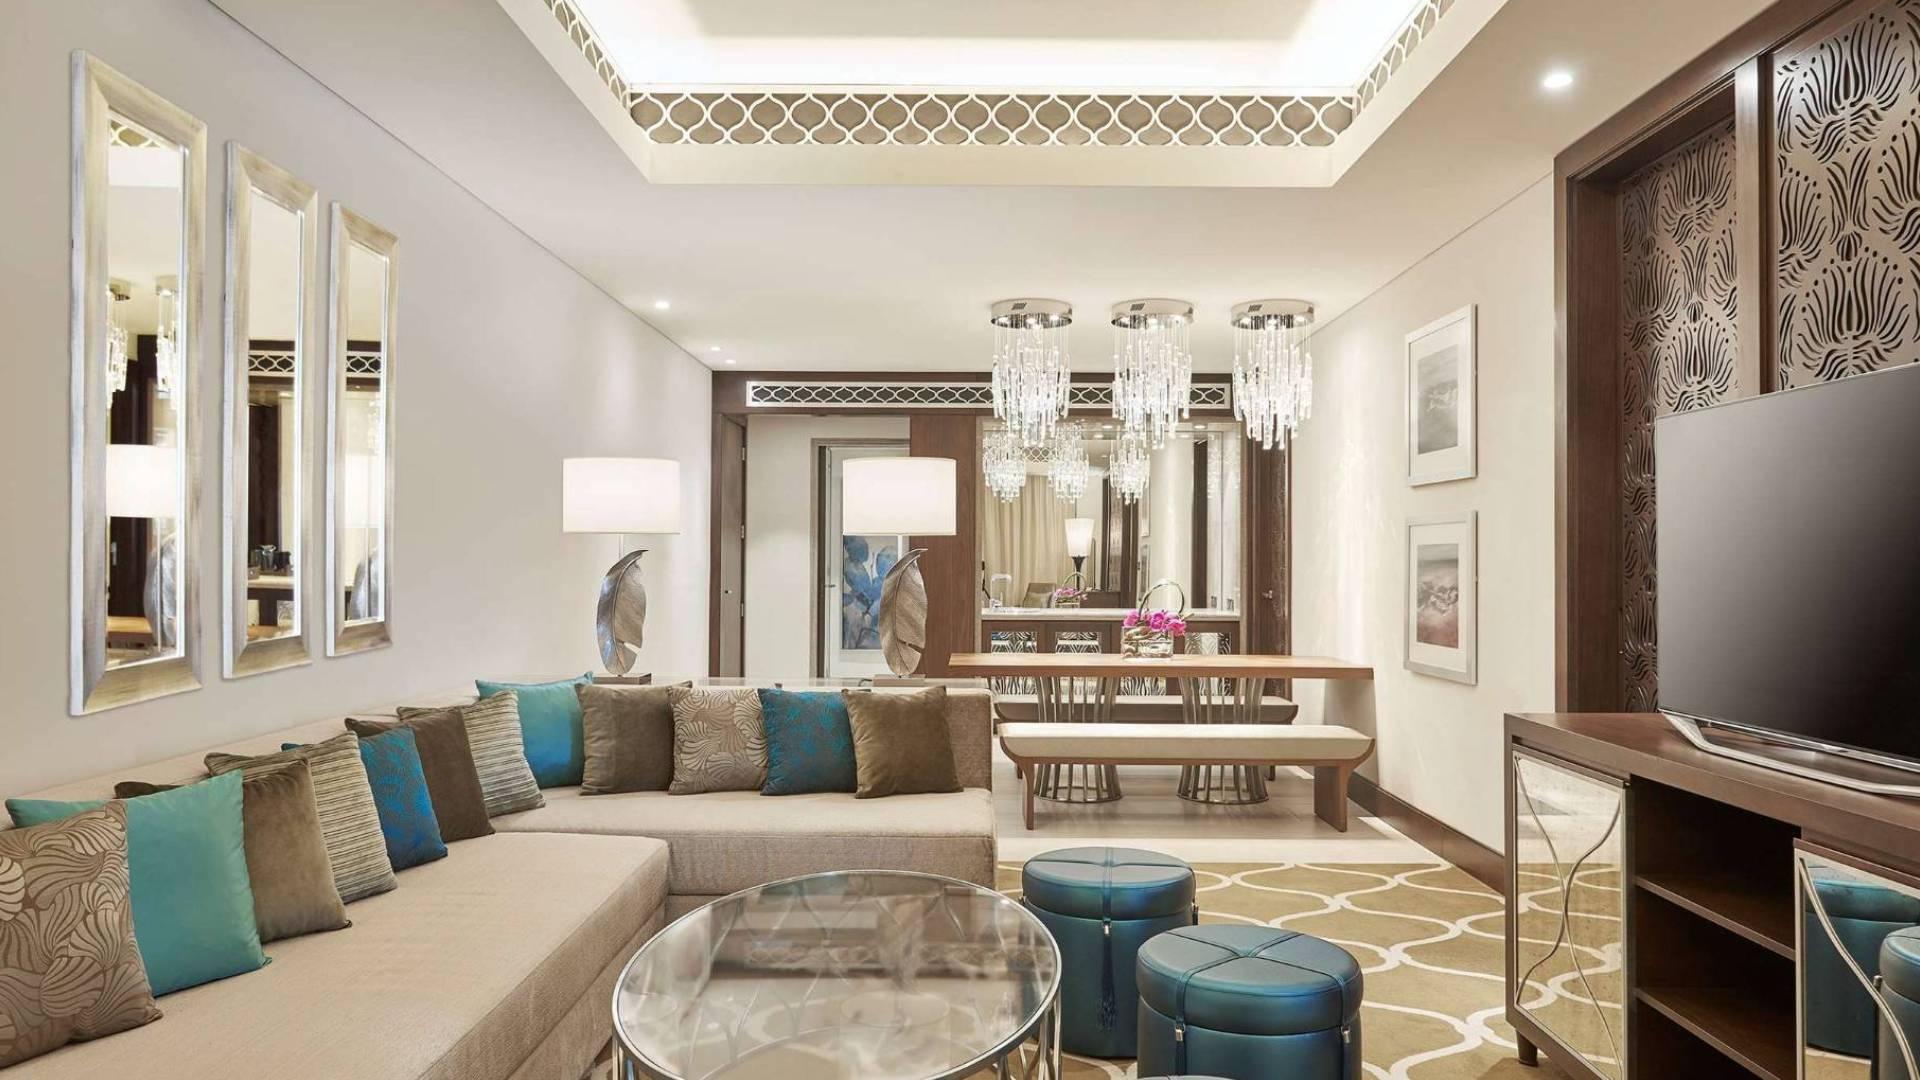 Ático en venta en Dubai, EAU, 6 dormitorios, 877 m2, № 24387 – foto 3